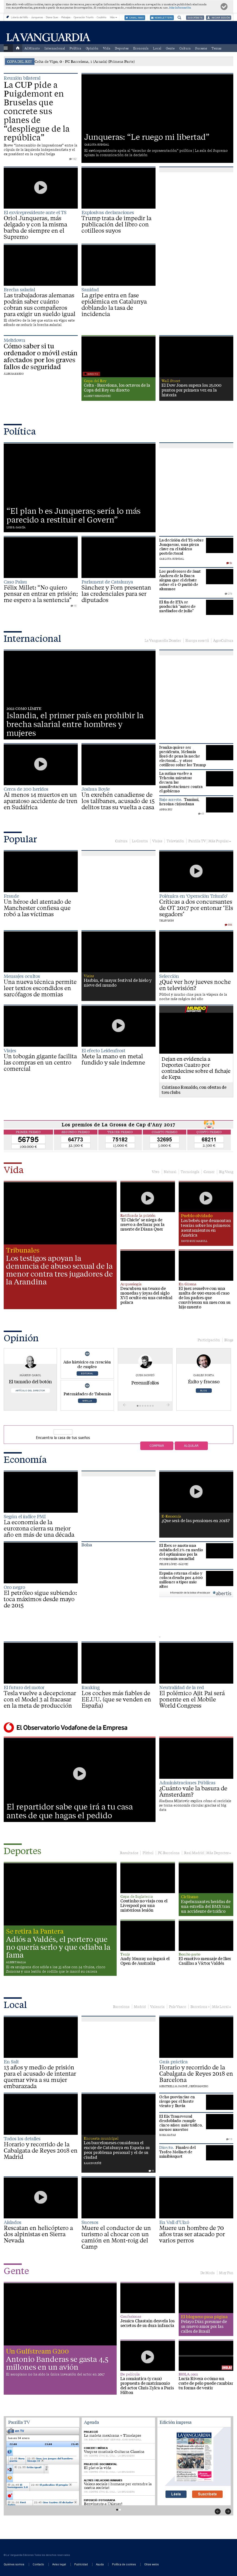 La Vanguardia at Thursday Jan. 4, 2018, 6:17 p.m. UTC